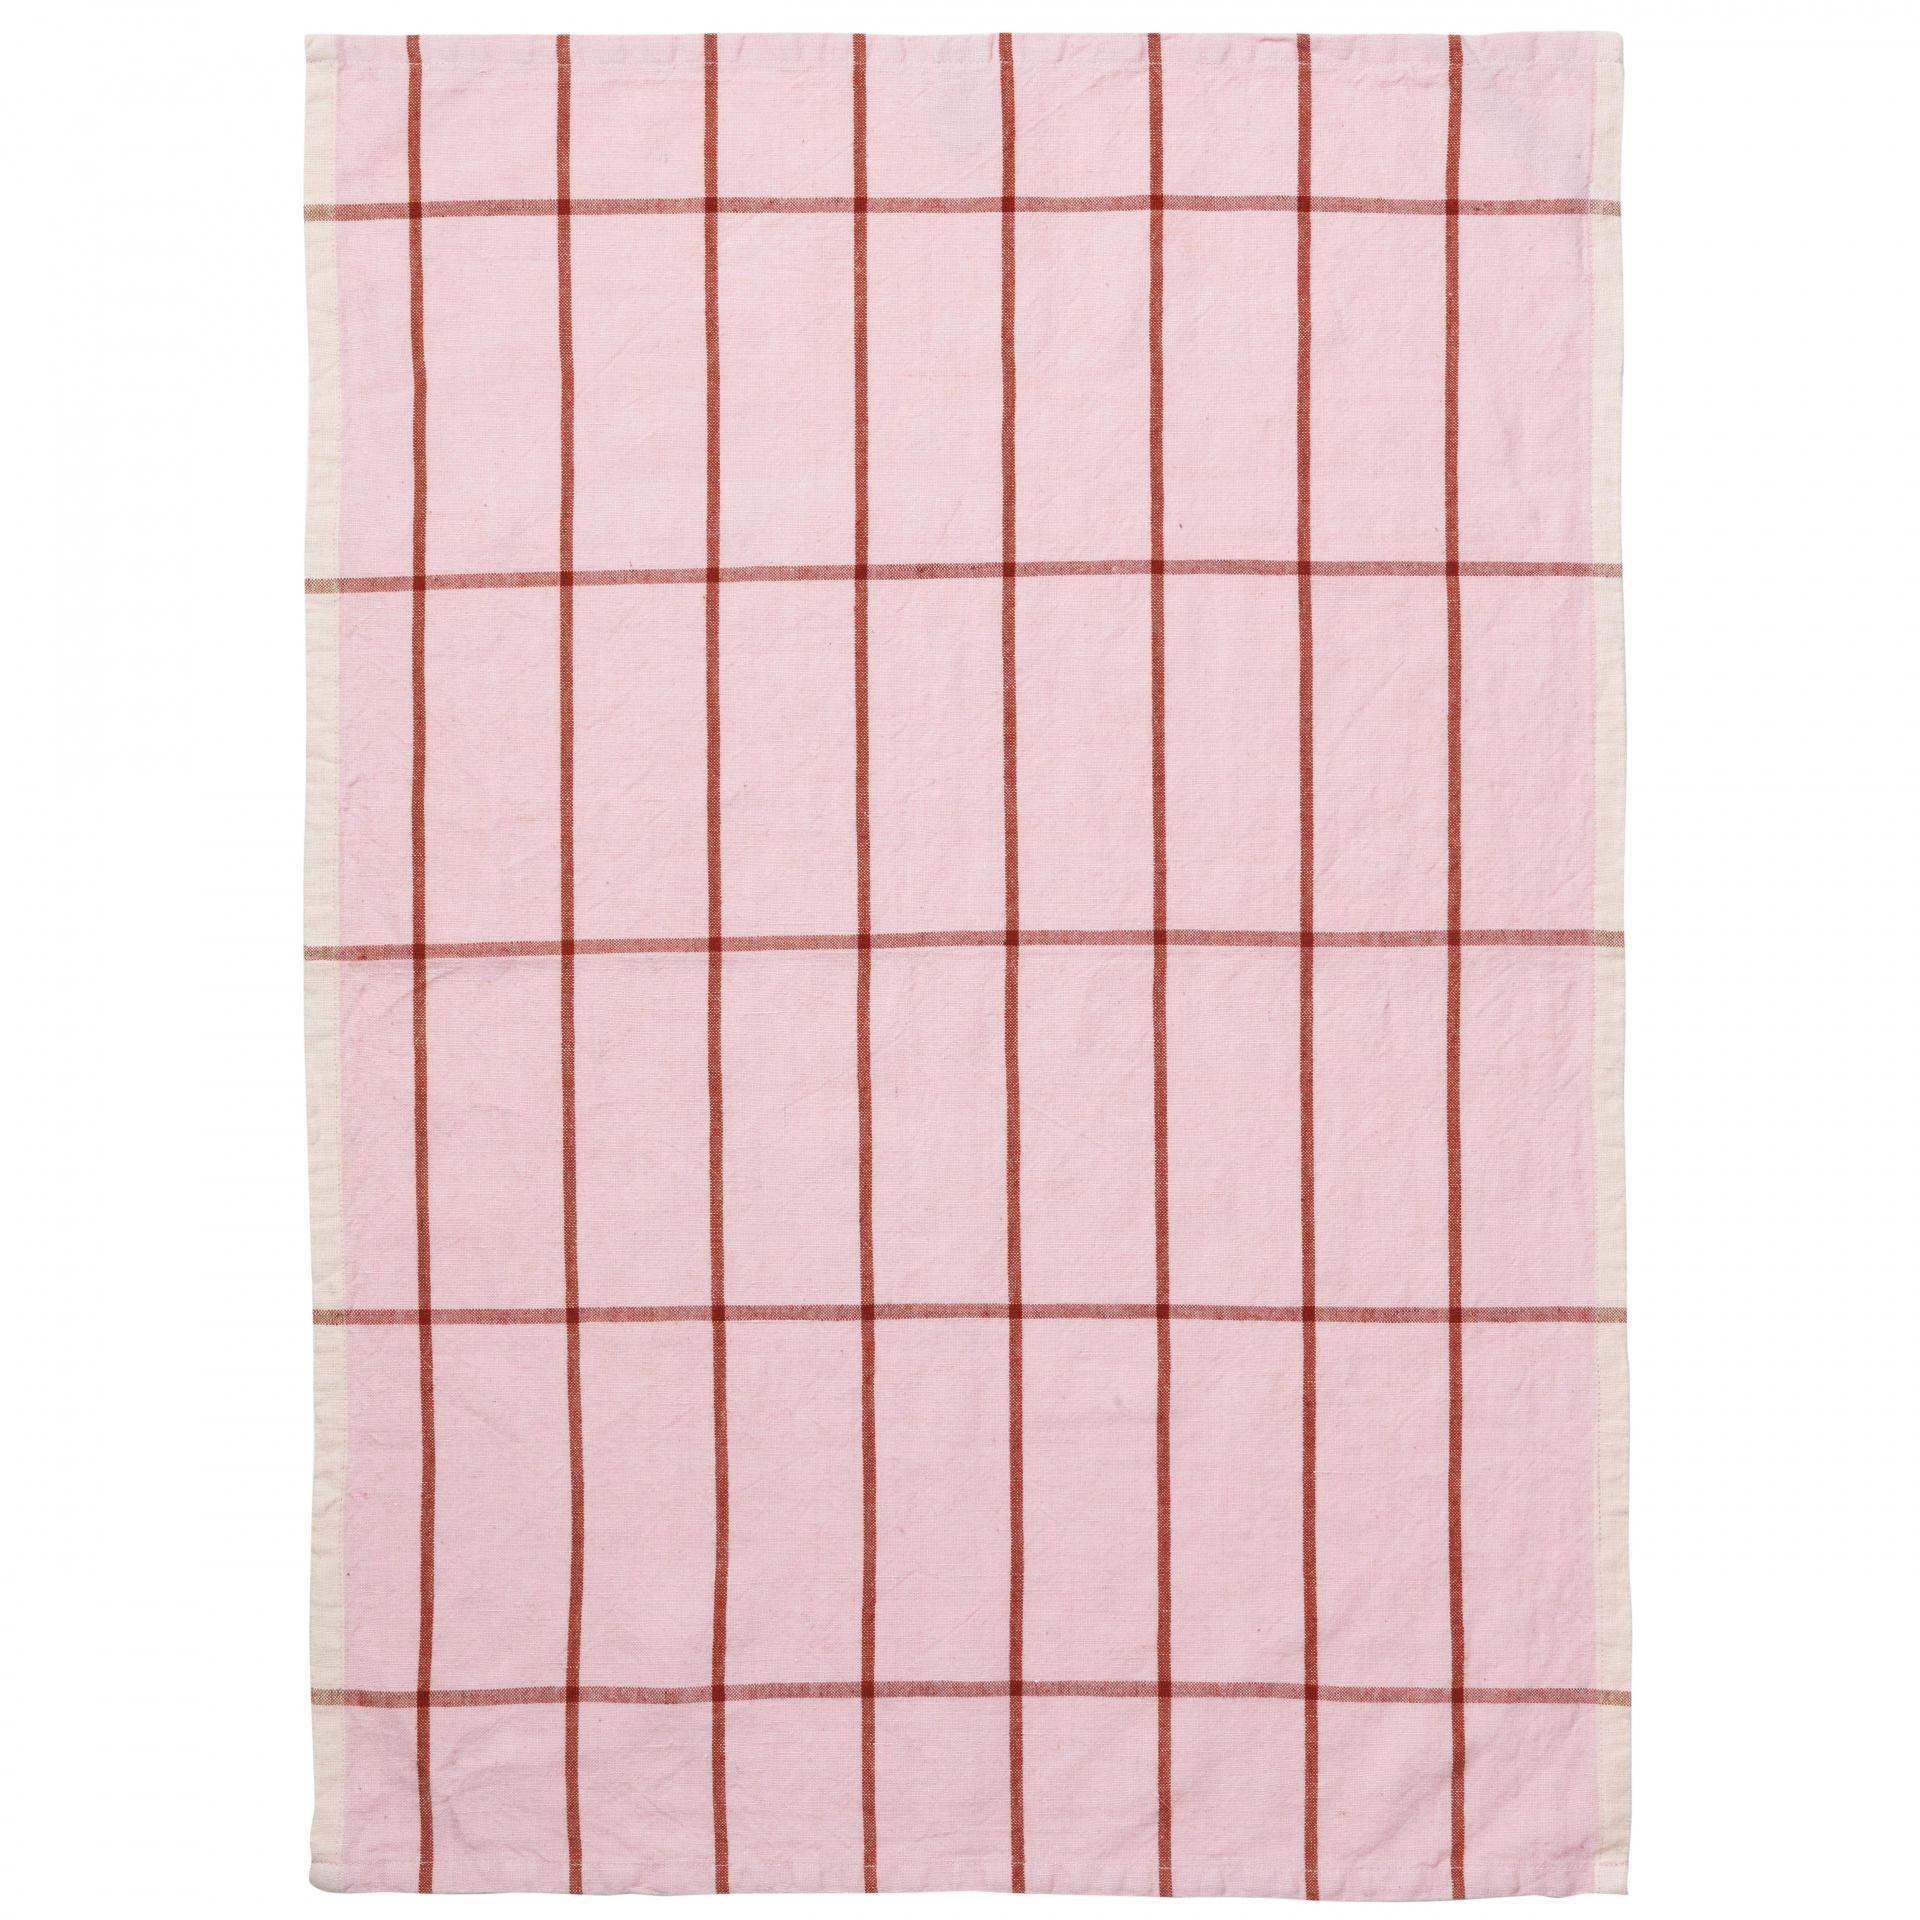 ferm LIVING Kuchyňská utěrka Hale Rose/Rust, růžová barva, textil